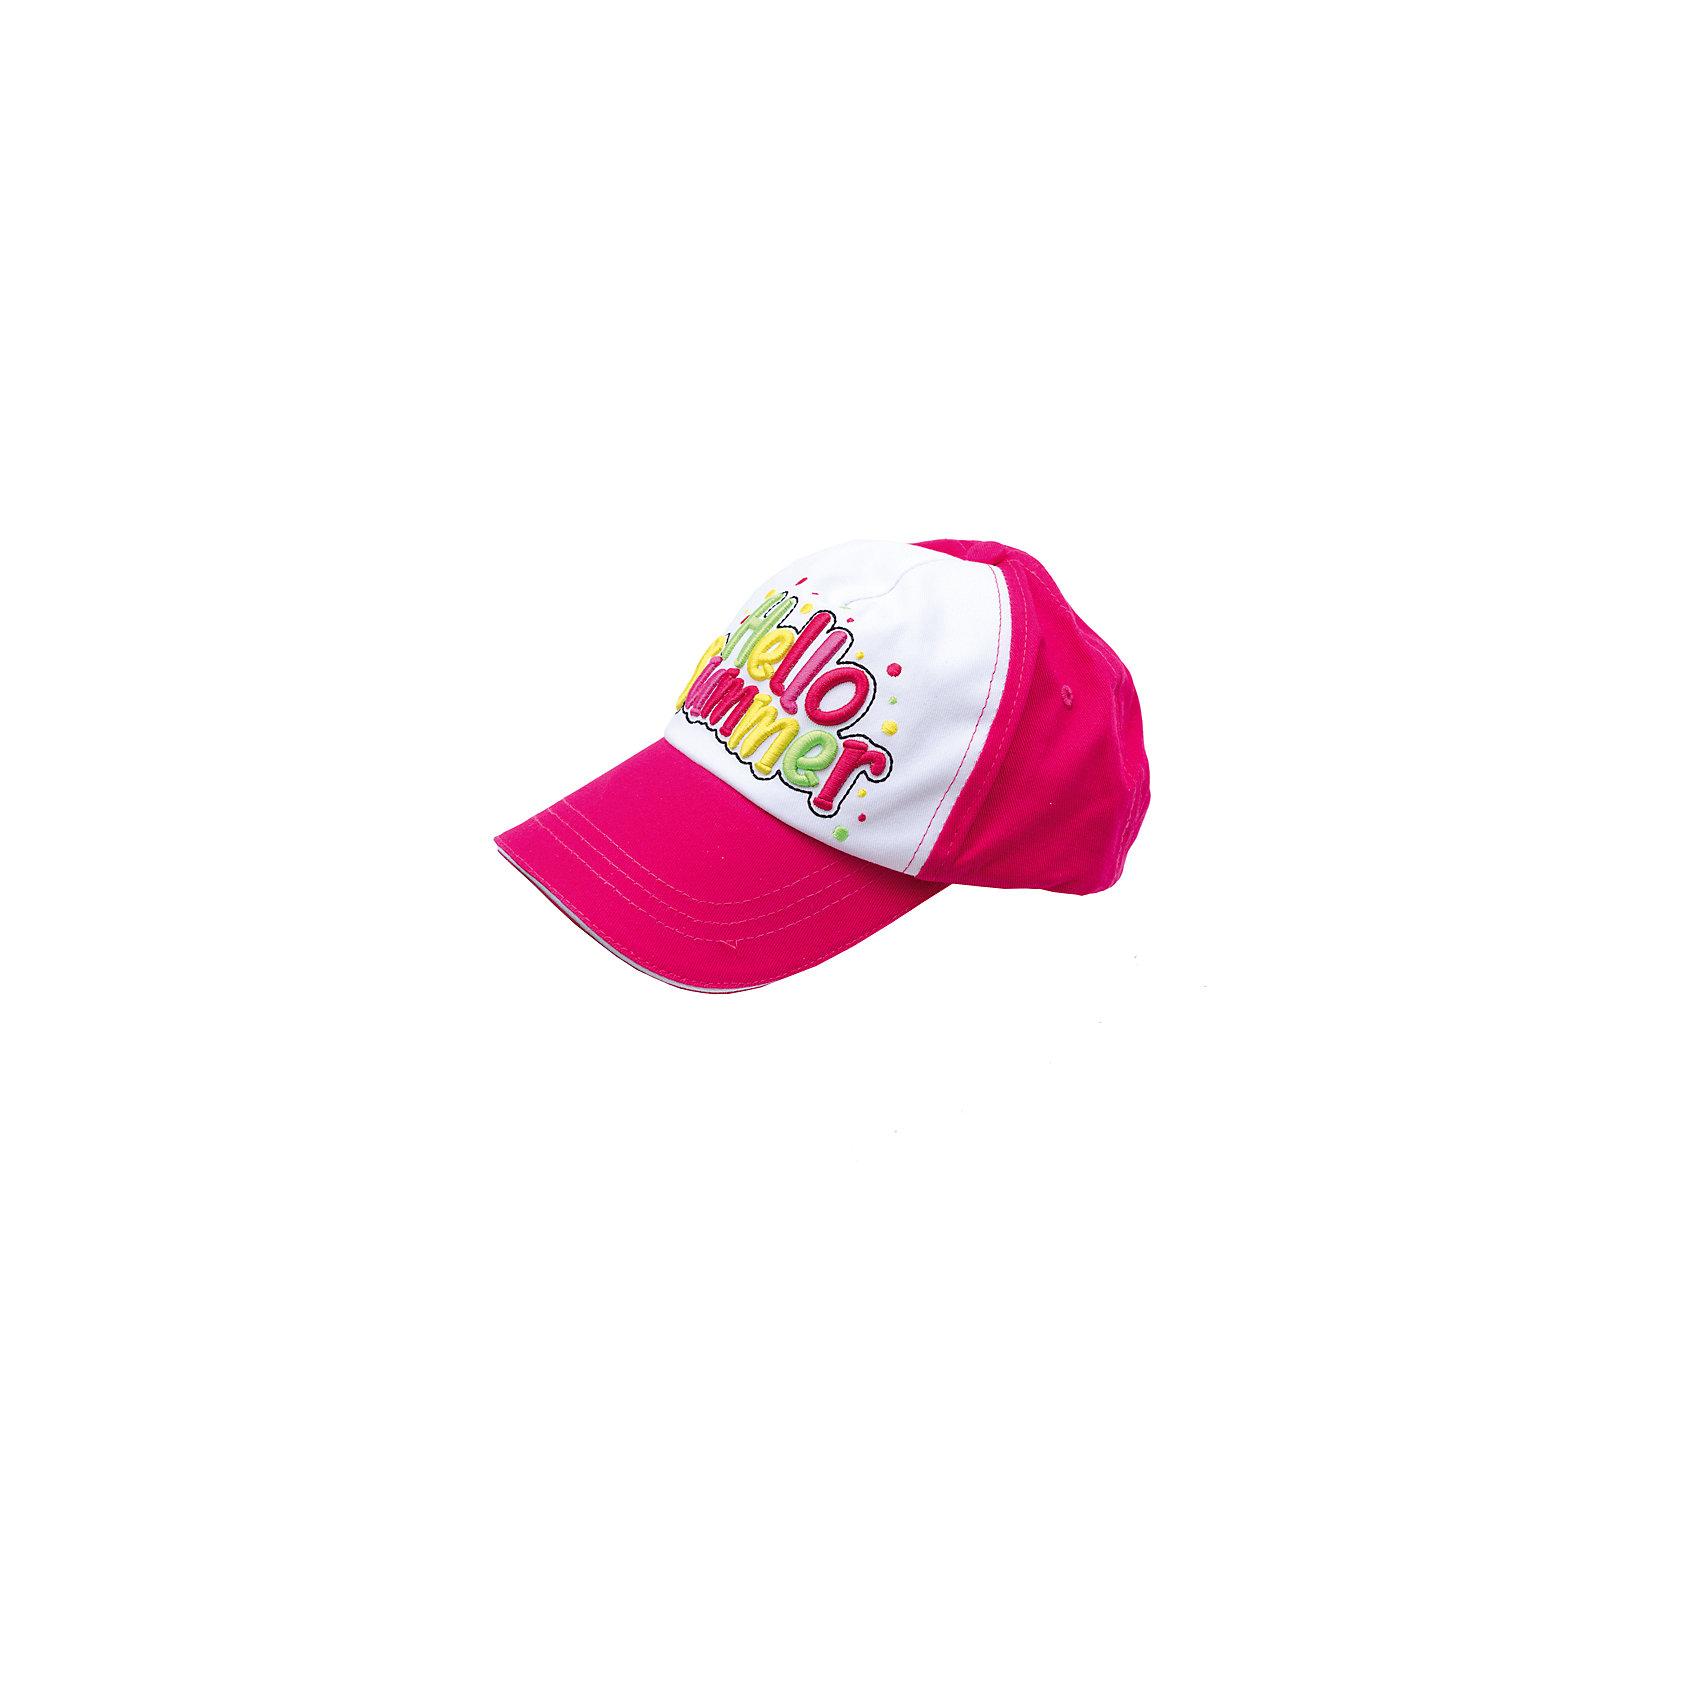 Кепка для девочки PlayTodayГоловные уборы<br>Кепка для девочки PlayToday<br>Модная кепка - бейсболка из натурального хлопка  понравится Вашему ребенку и защитит в солнечную погоду. Модель с эффектной аппликацией<br>Состав:<br>100% хлопок<br><br>Ширина мм: 89<br>Глубина мм: 117<br>Высота мм: 44<br>Вес г: 155<br>Цвет: разноцветный<br>Возраст от месяцев: 72<br>Возраст до месяцев: 84<br>Пол: Женский<br>Возраст: Детский<br>Размер: 54,50,52<br>SKU: 5404529